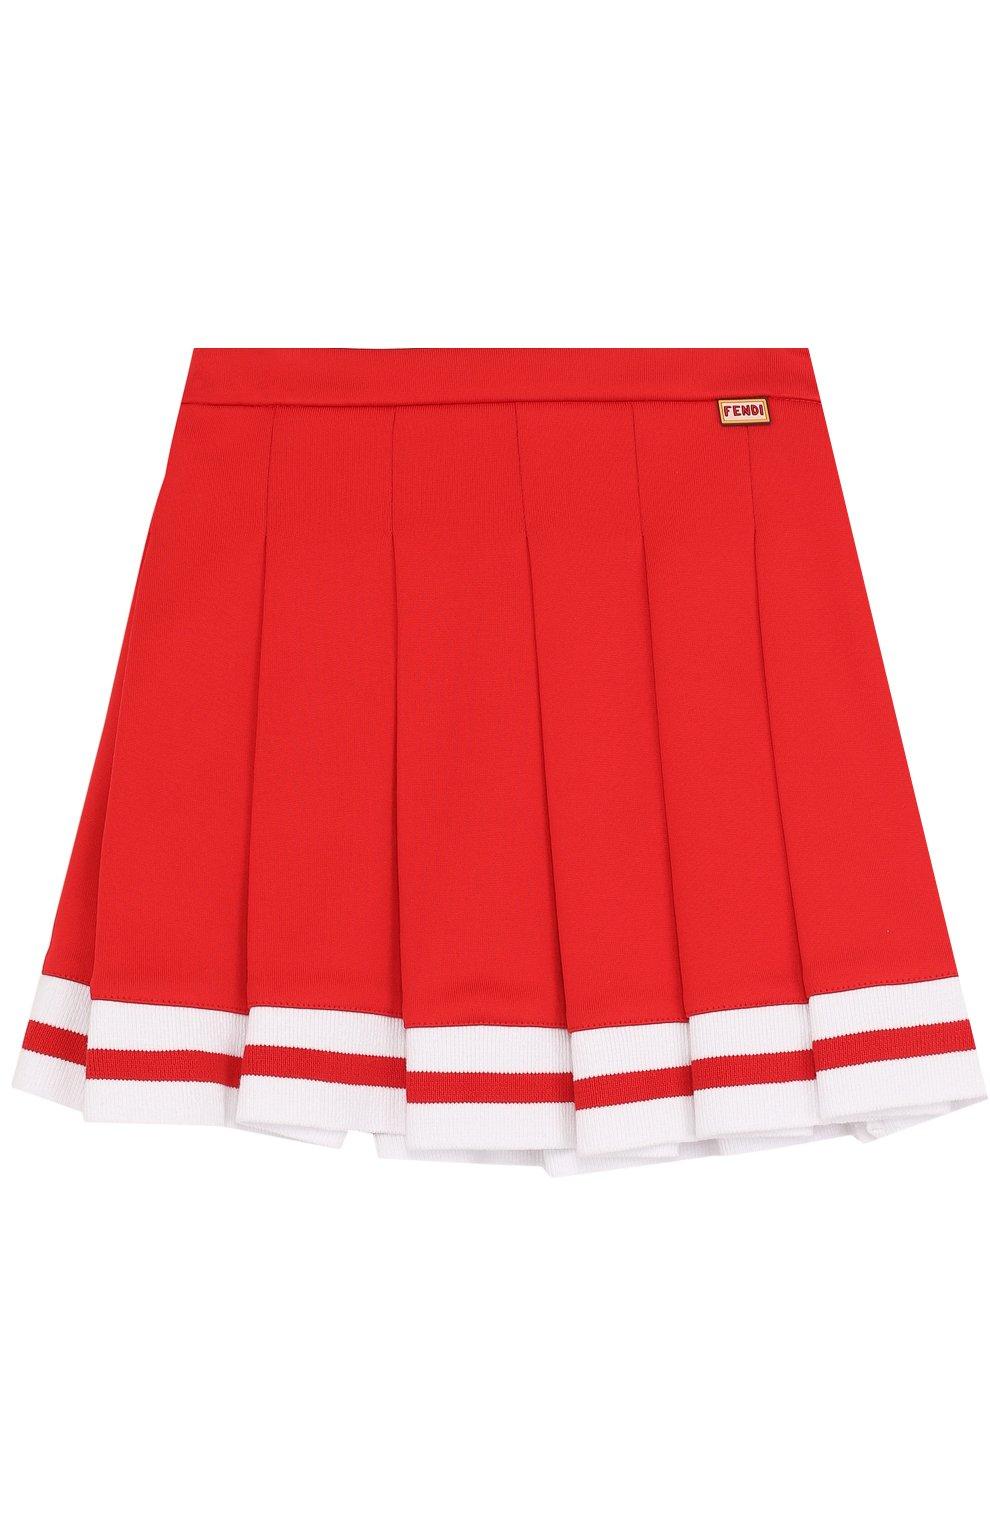 Хлопковая юбка с защипами и контрастной отделкой | Фото №1